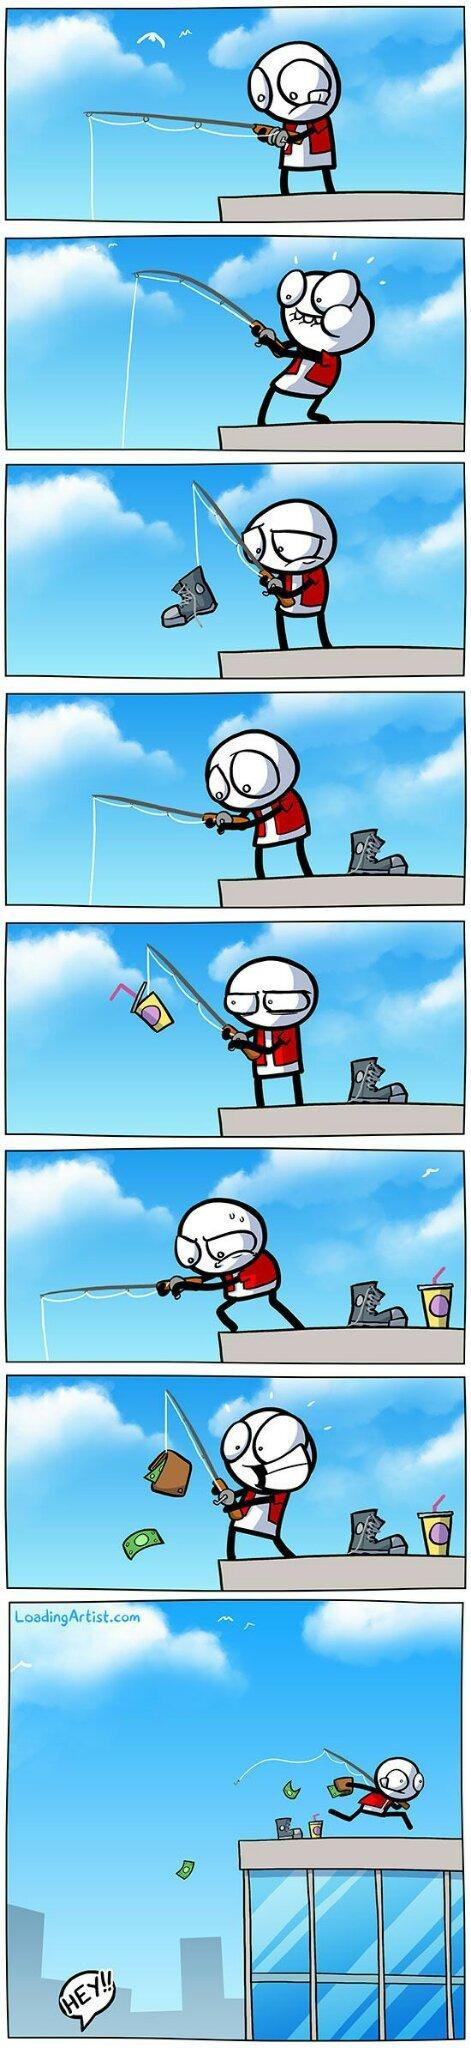 Pêche au portefeuille - meme